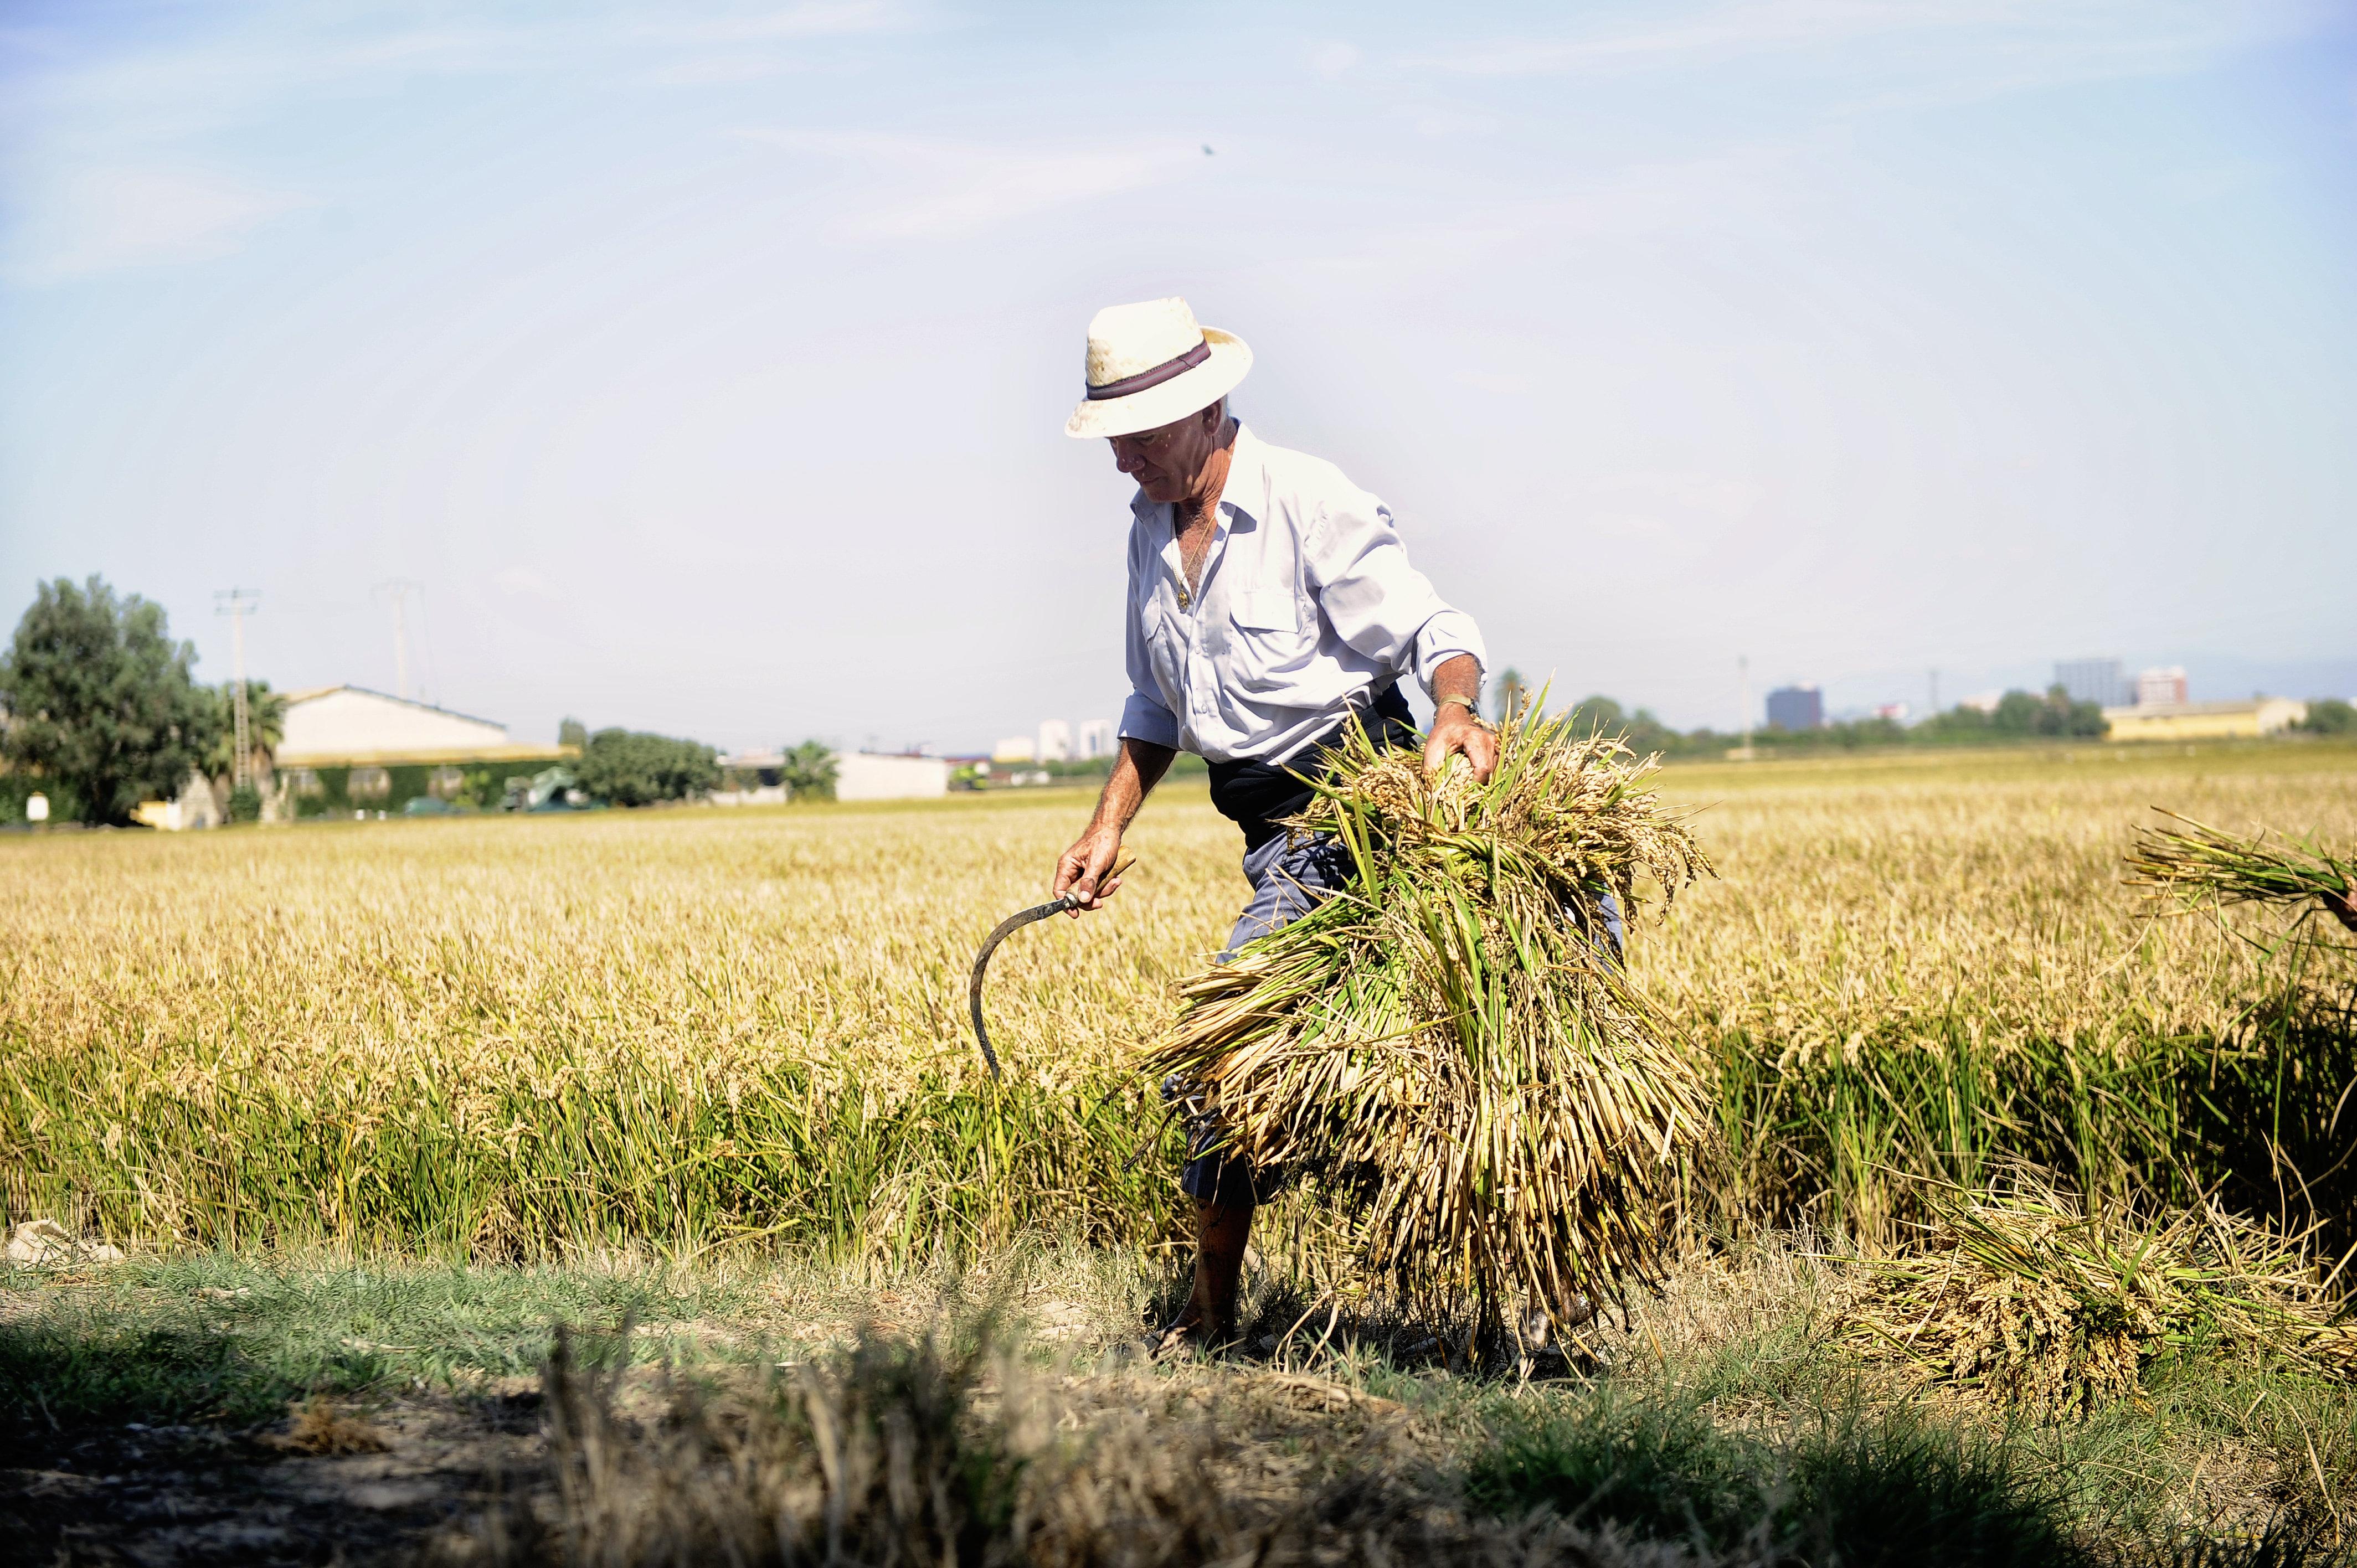 La D.O. arroz de Valencia organiza este domingo la VII edición de la fiesta de la siega